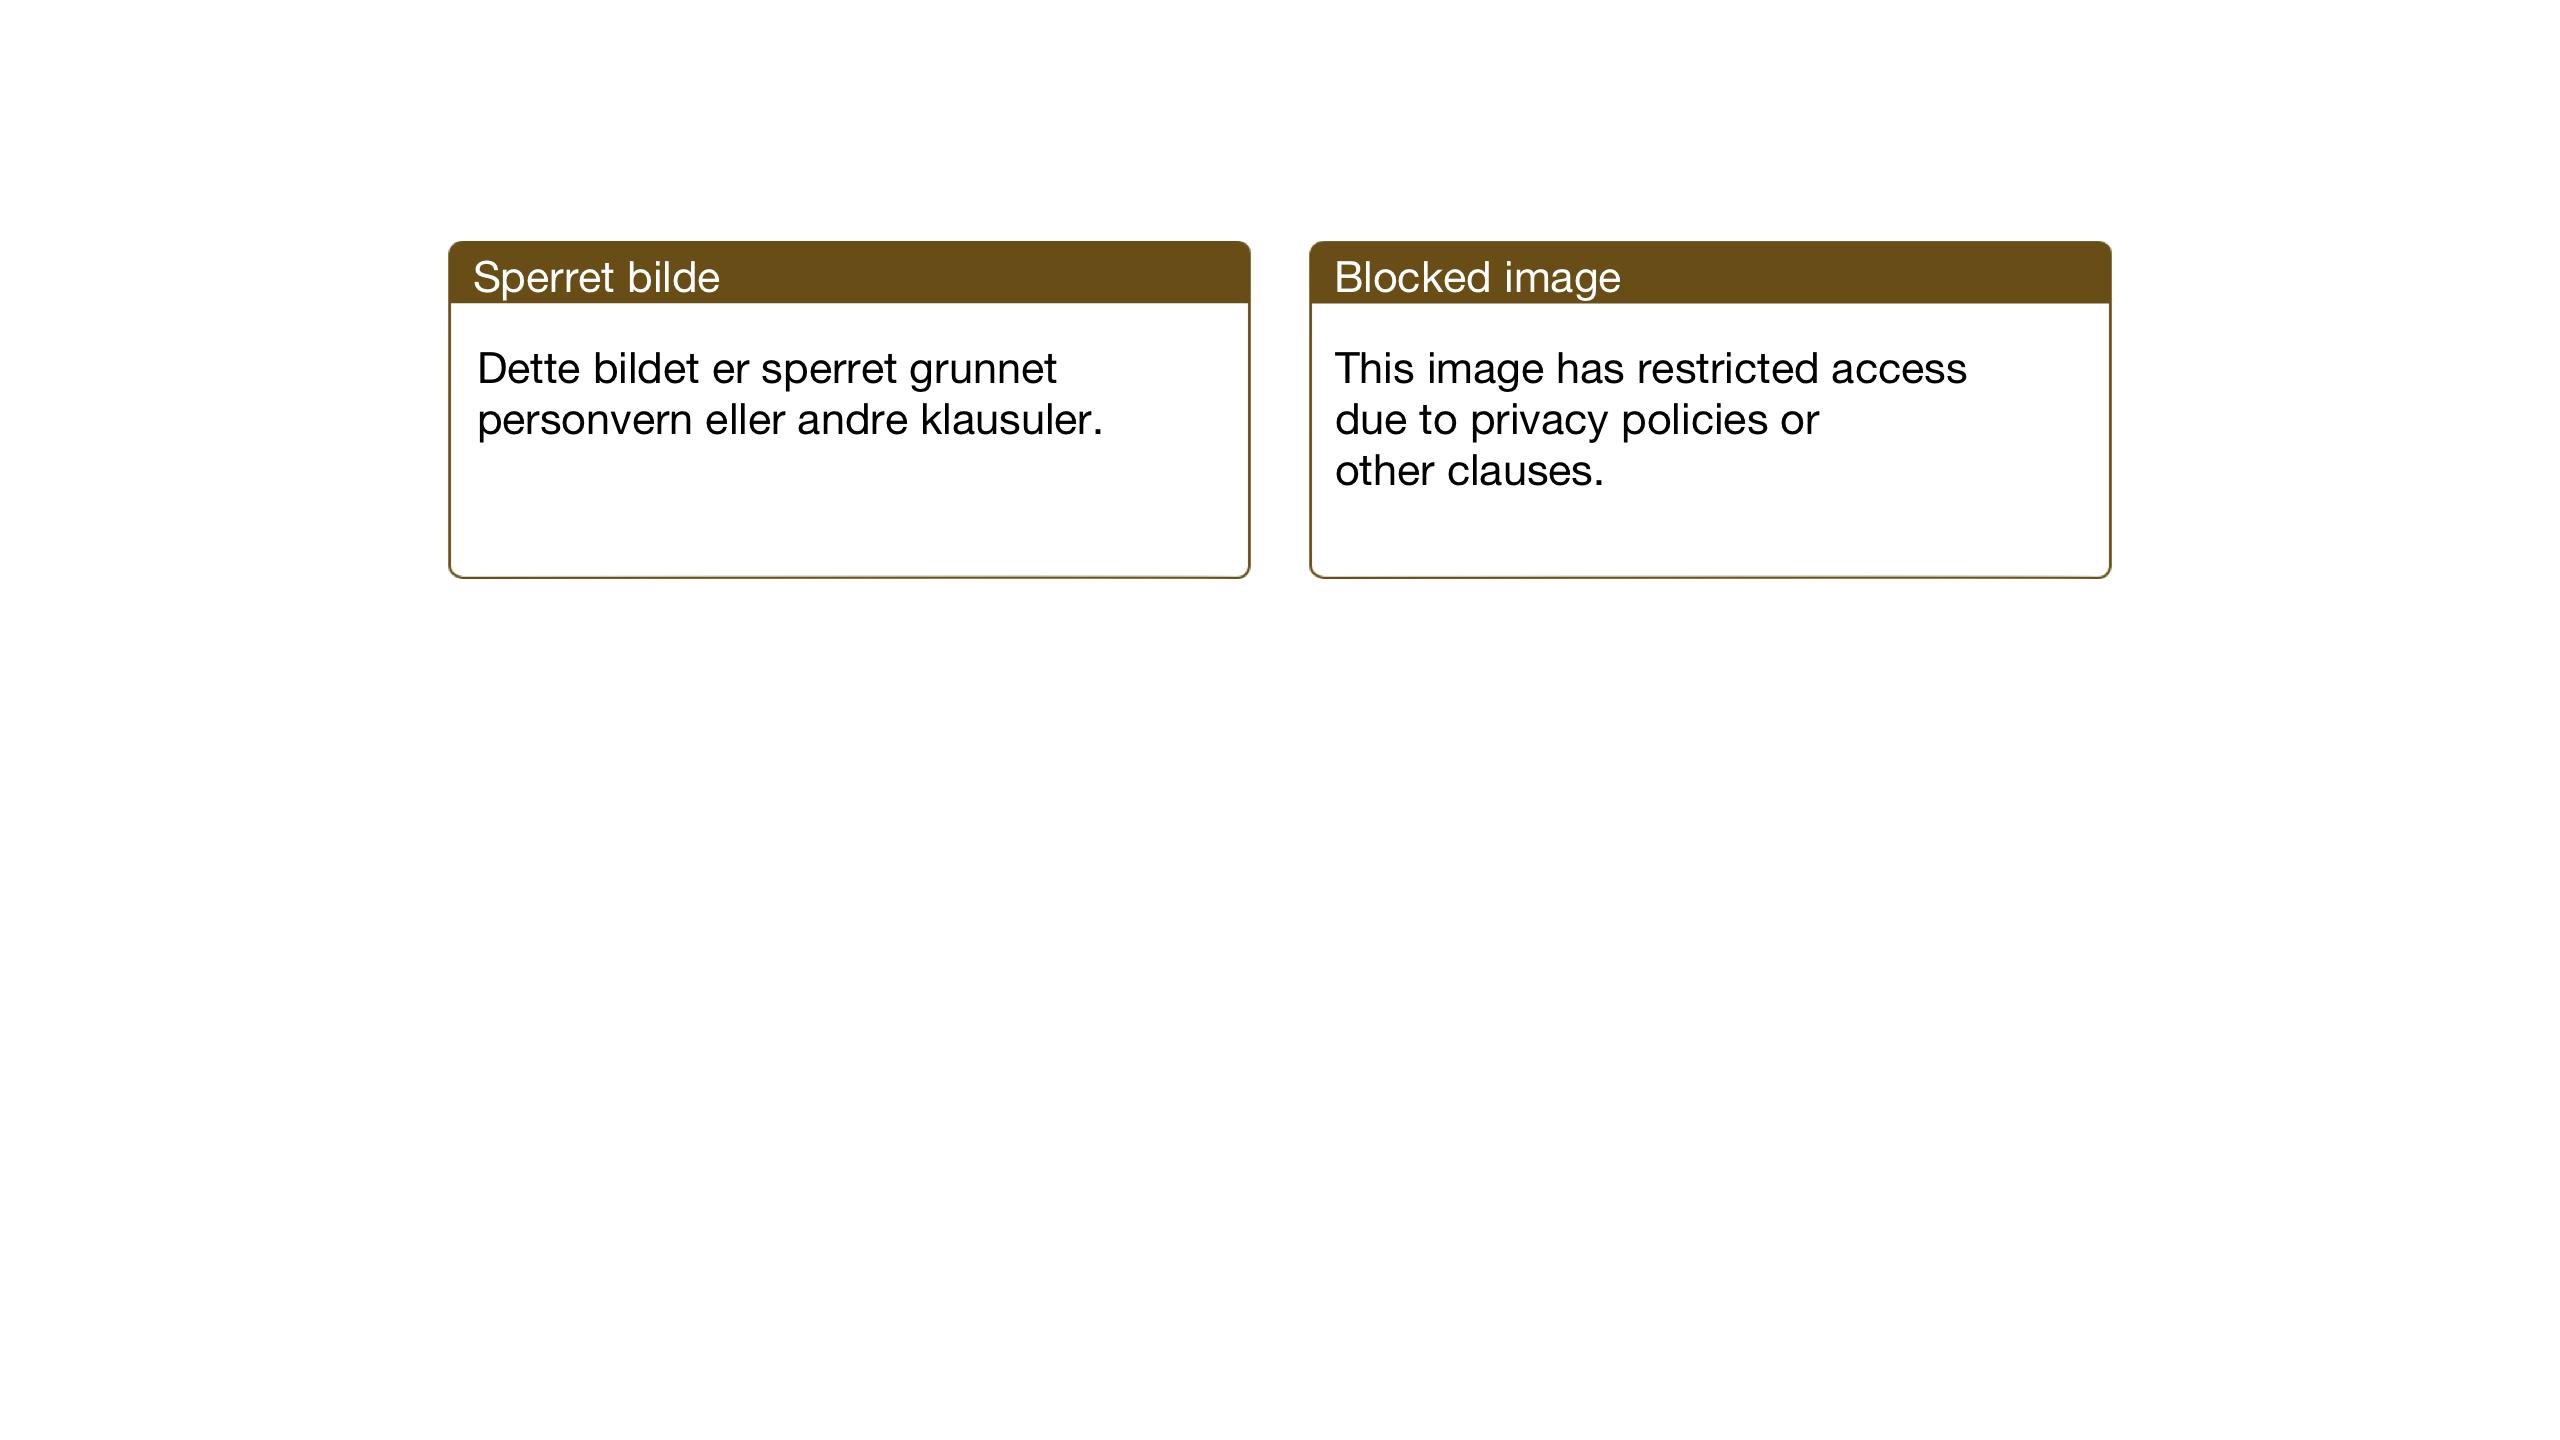 SAT, Ministerialprotokoller, klokkerbøker og fødselsregistre - Nord-Trøndelag, 770/L0591: Klokkerbok nr. 770C02, 1902-1940, s. 80